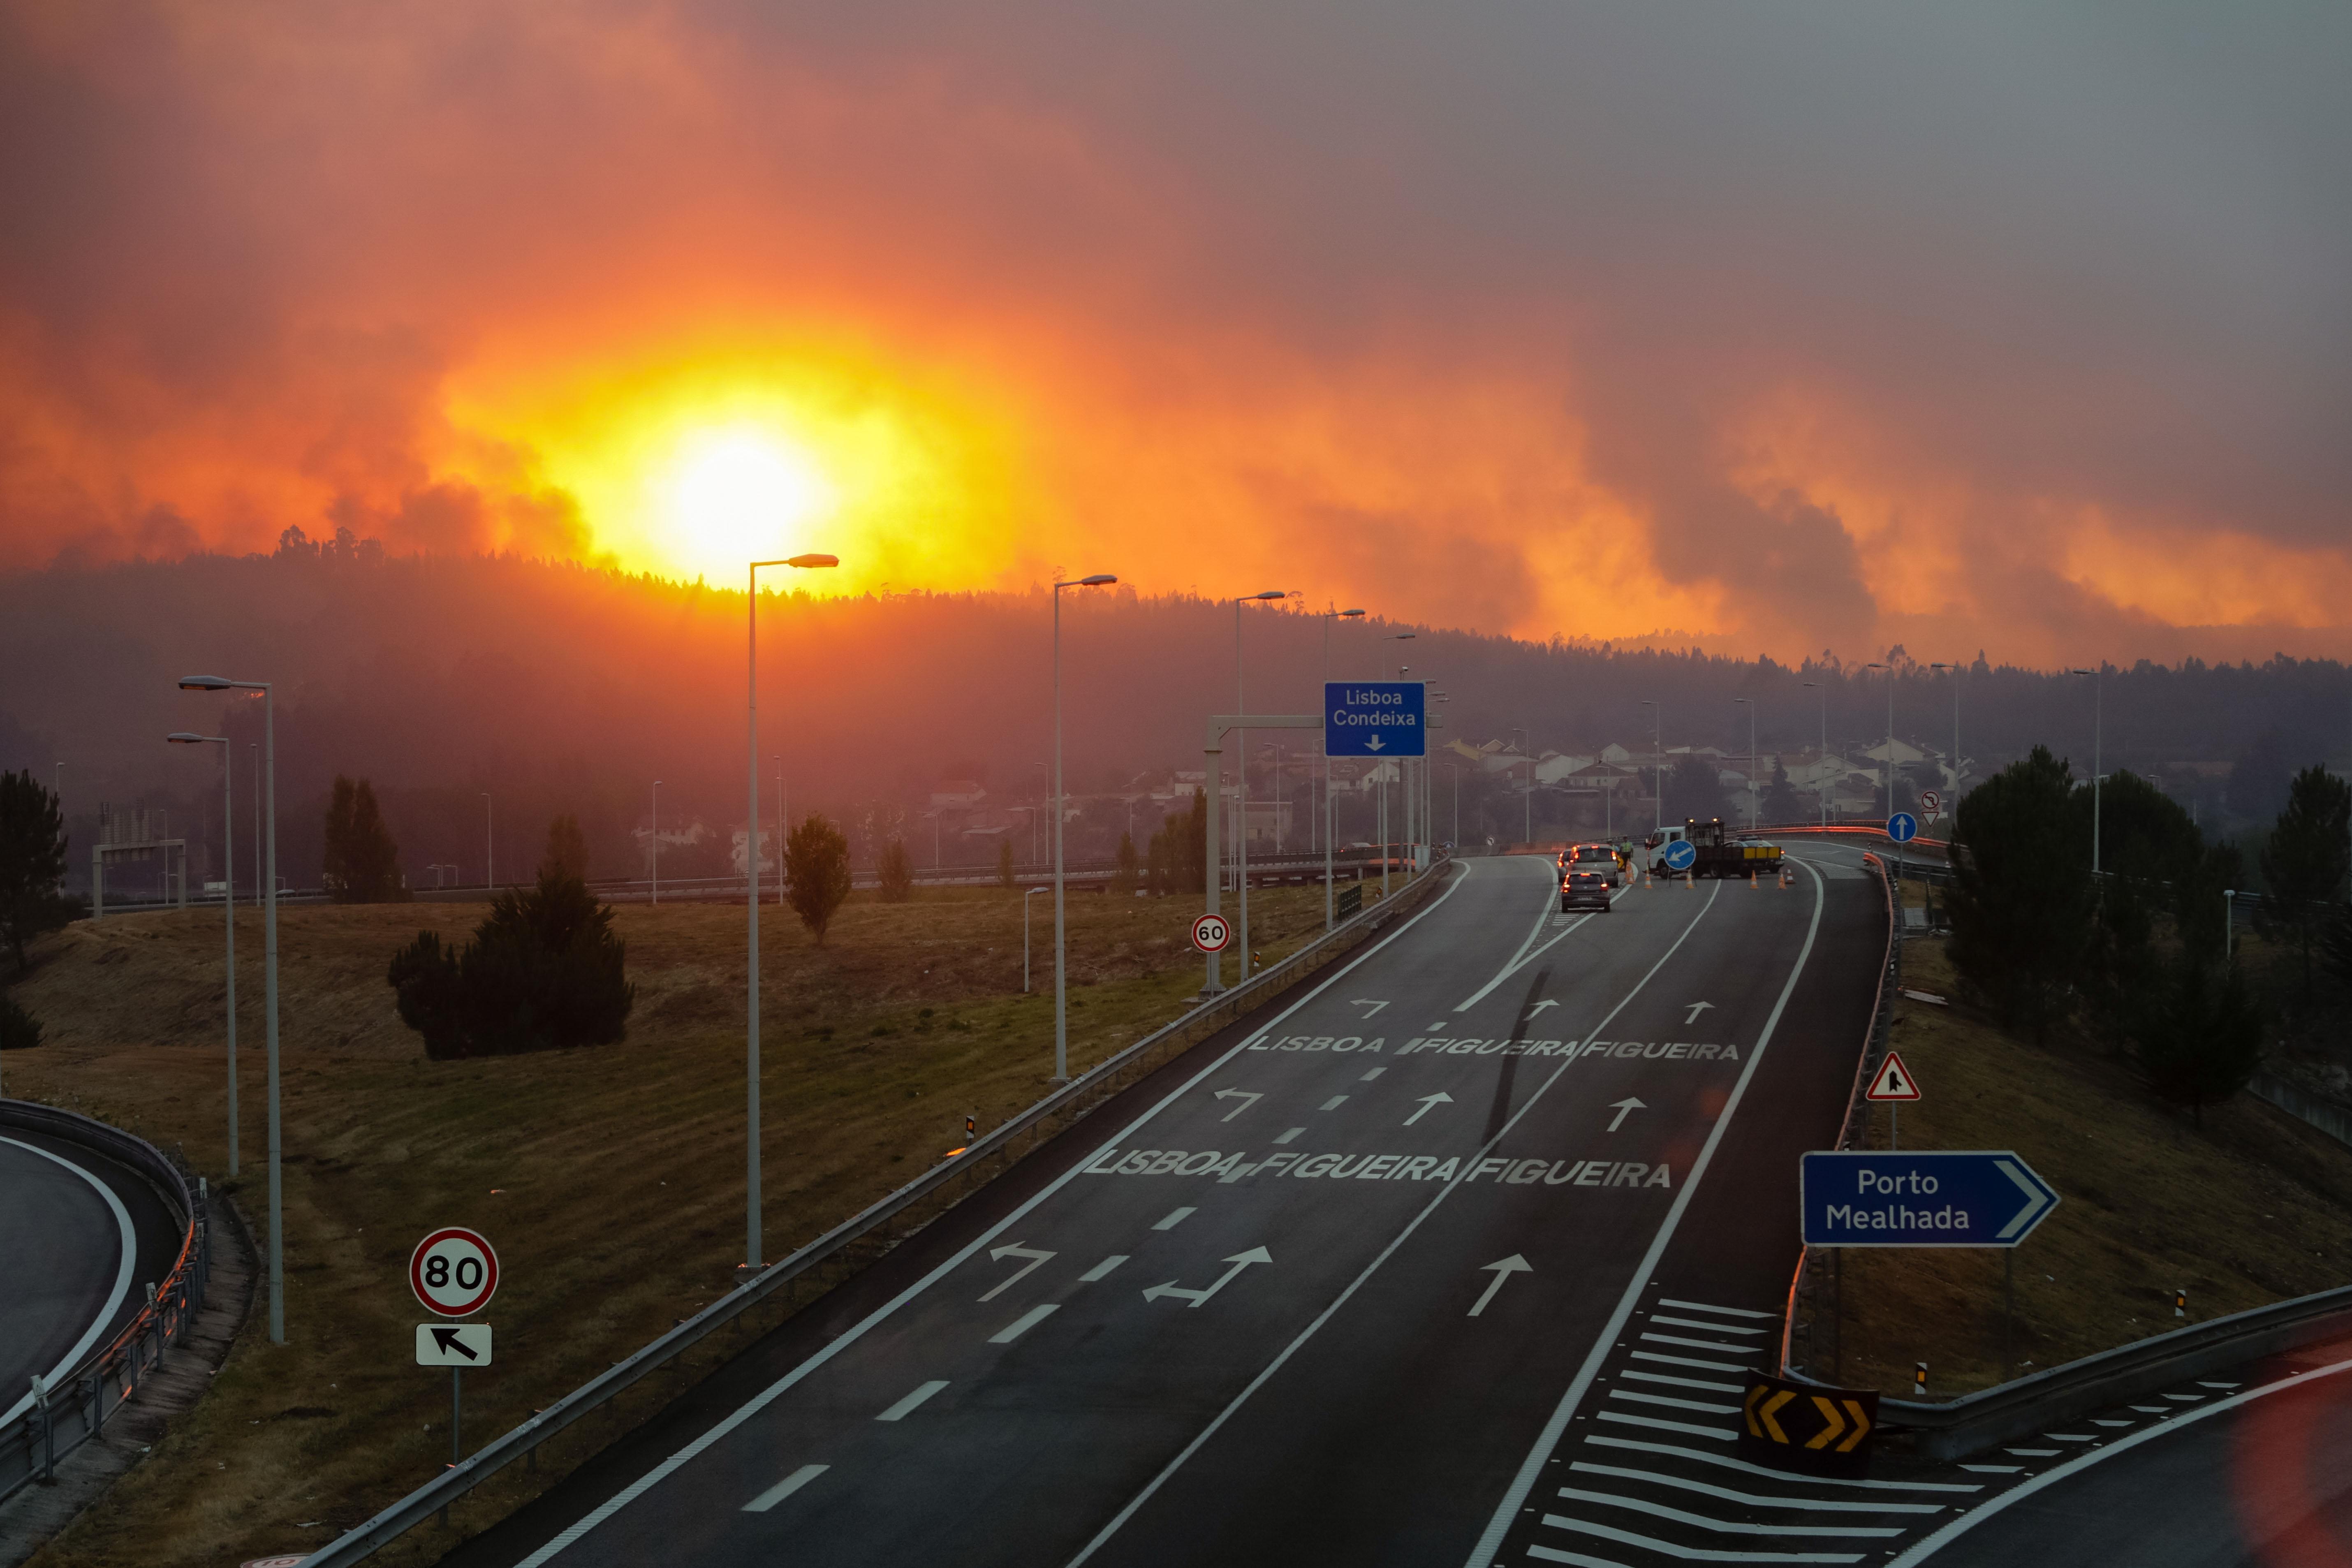 1.900 bombeiros combatem esta noite 15 fogos no centro do país — Incêndios